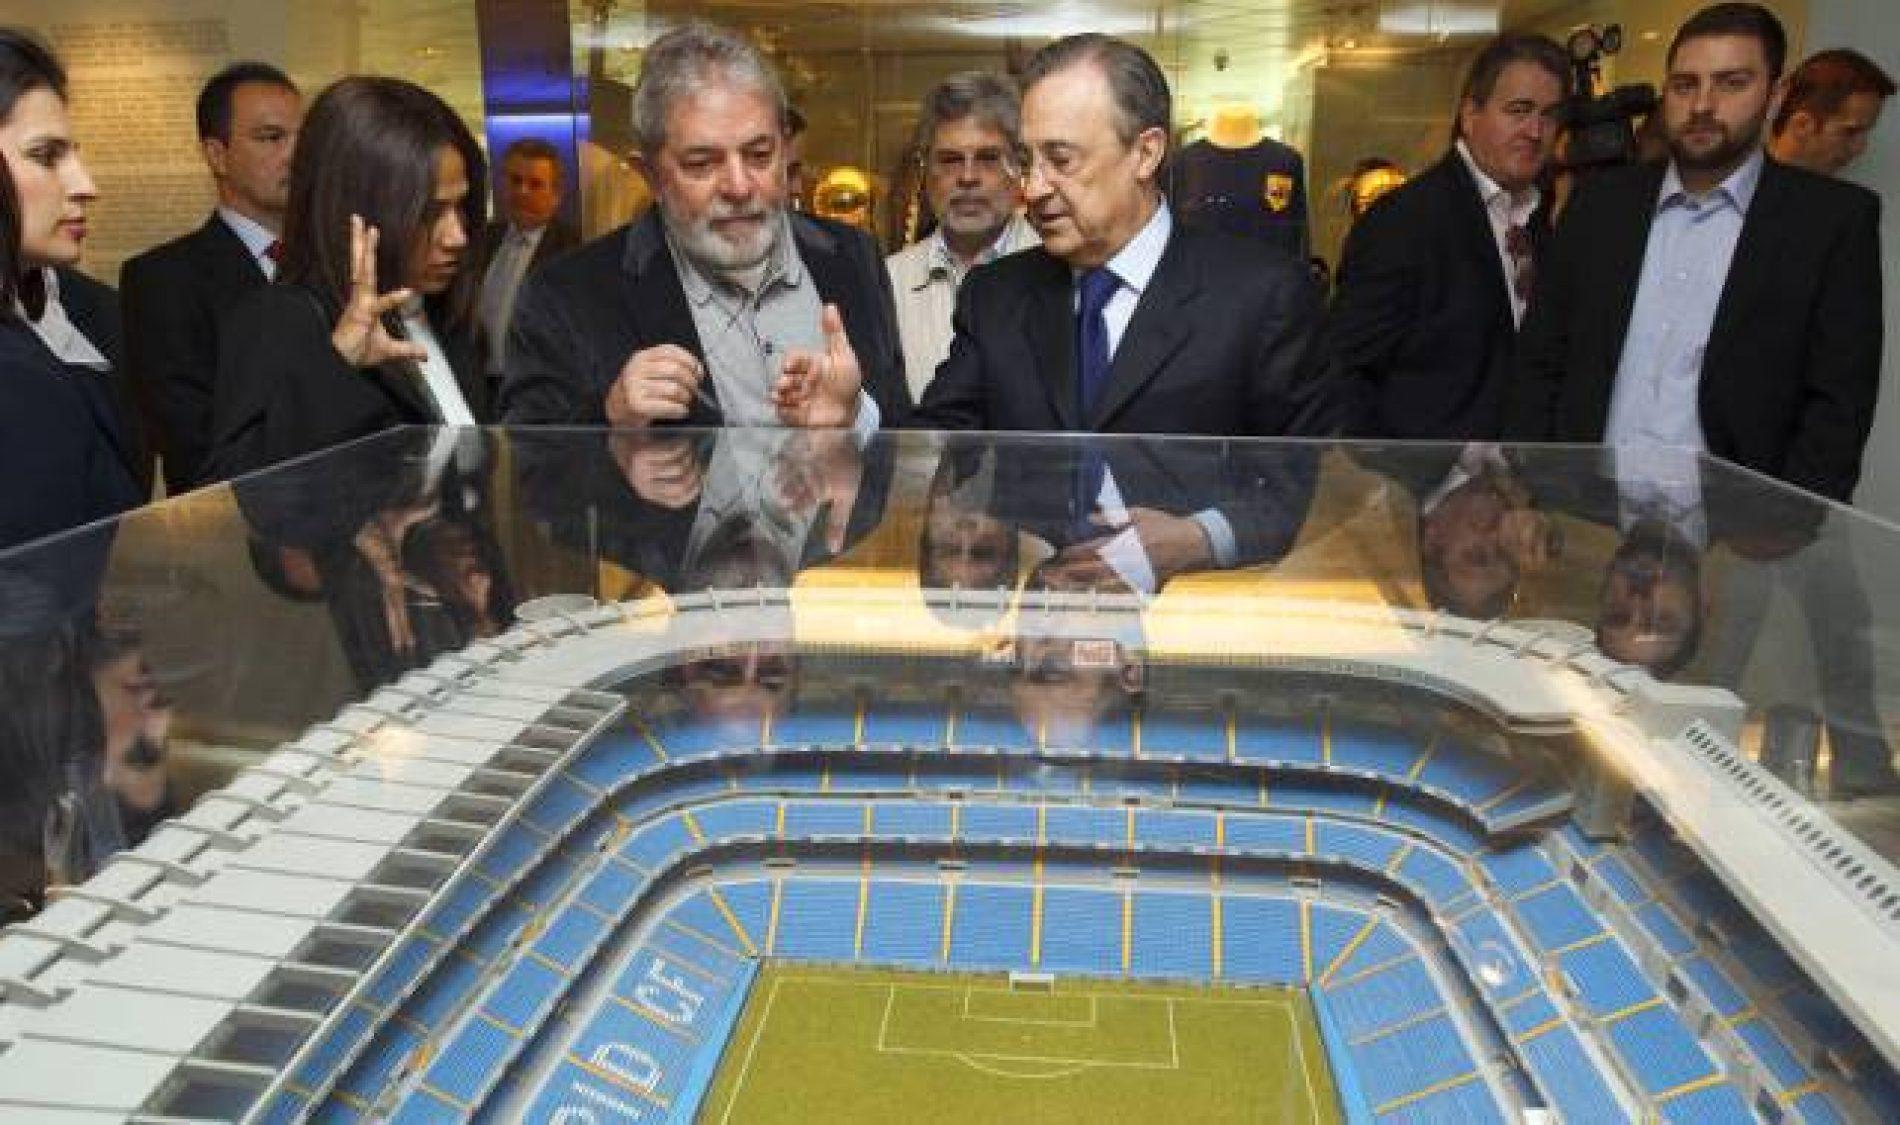 Sócio do filho de Lula fechou negócio com a Vivo após reunião com então presidente